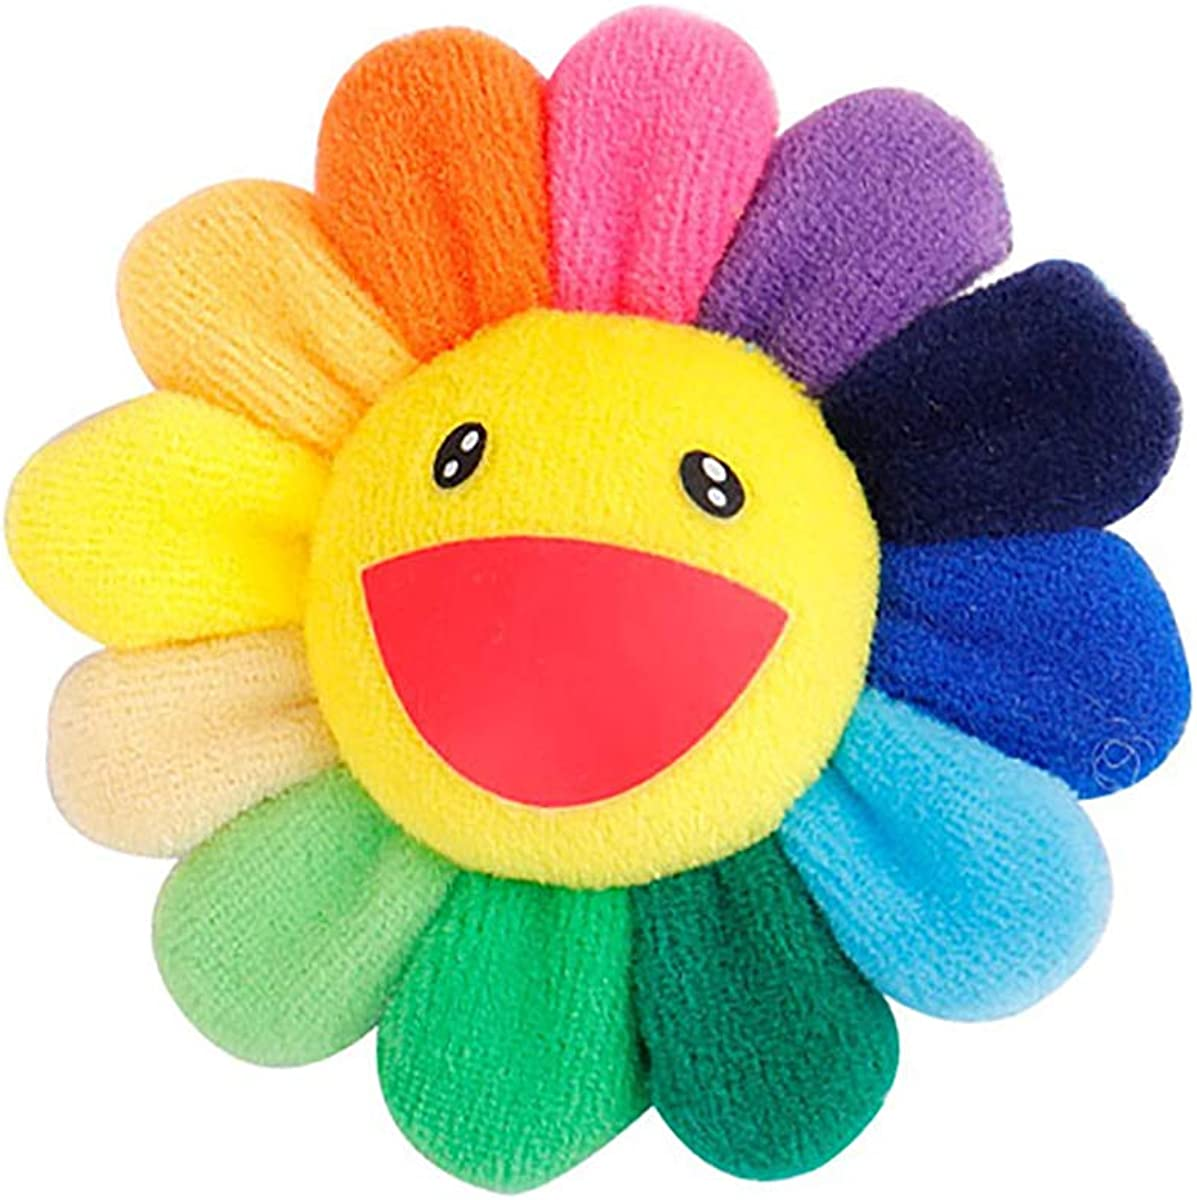 Mecool mignon sourire visage arc-en-ciel tournesols broche /épingle peluche jouet porte-cl/é d/écoration-color/é